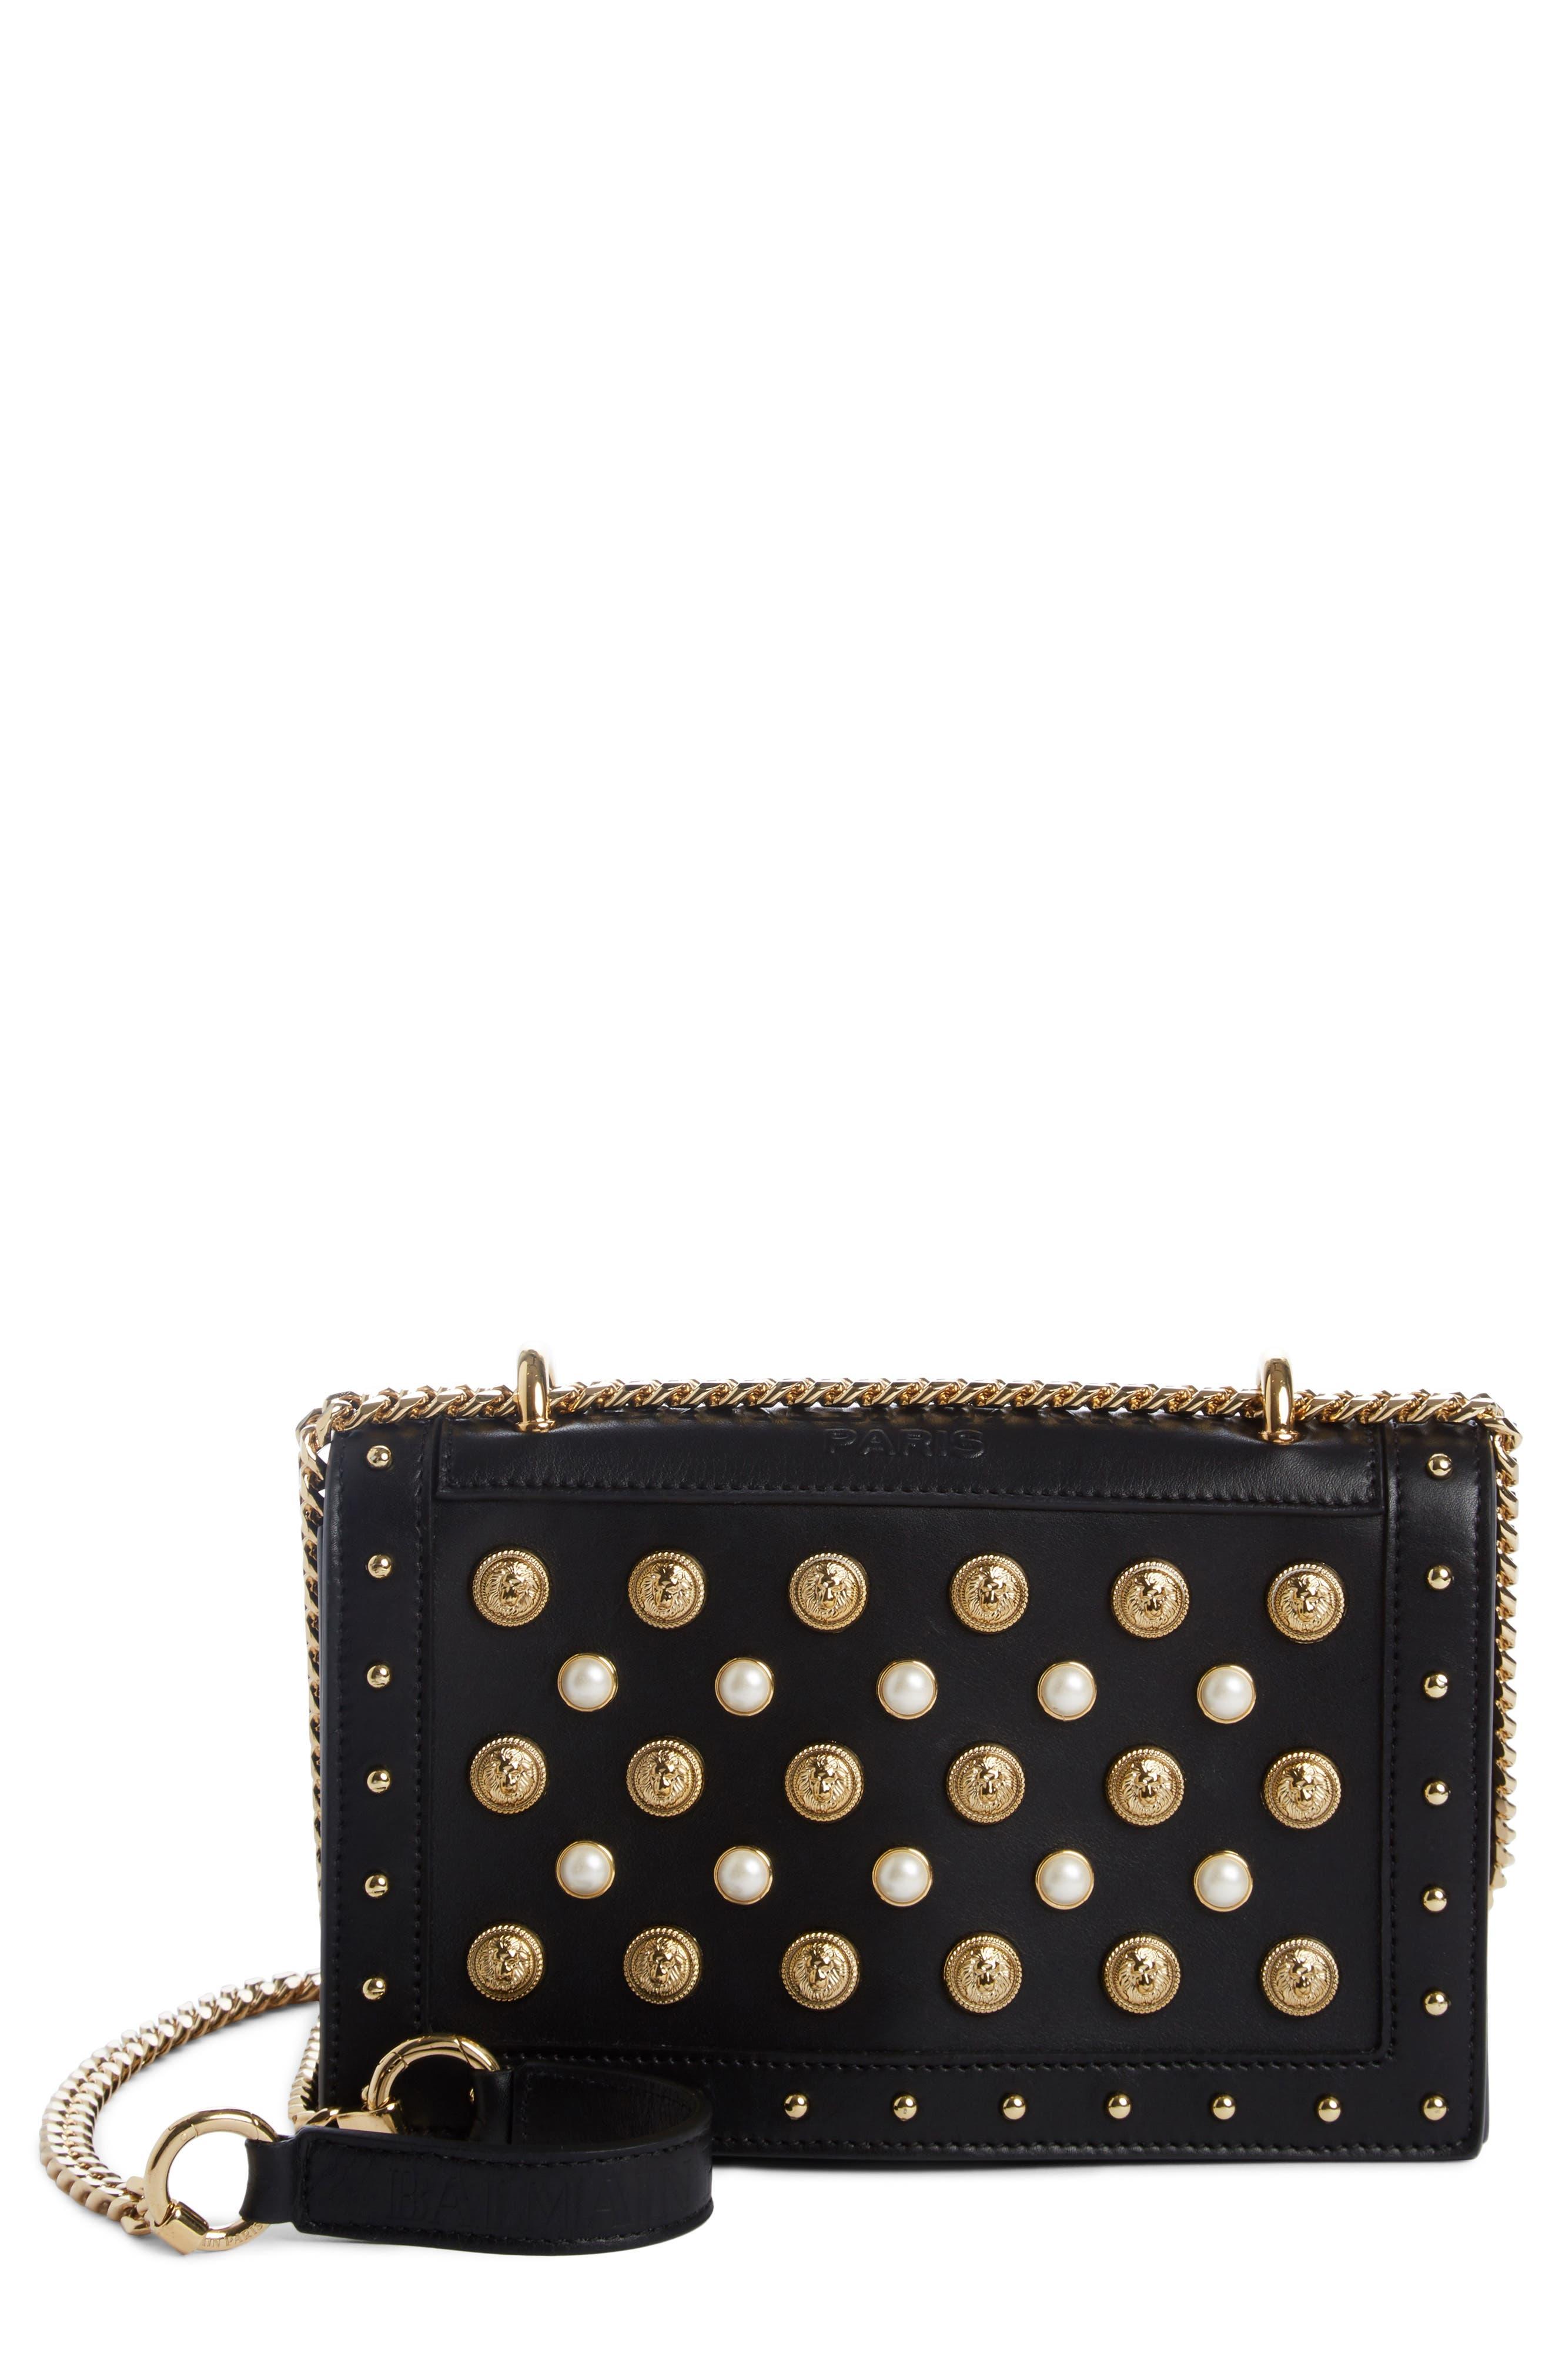 Alternate Image 1 Selected - Balmain Love Studded Leather Shoulder Bag